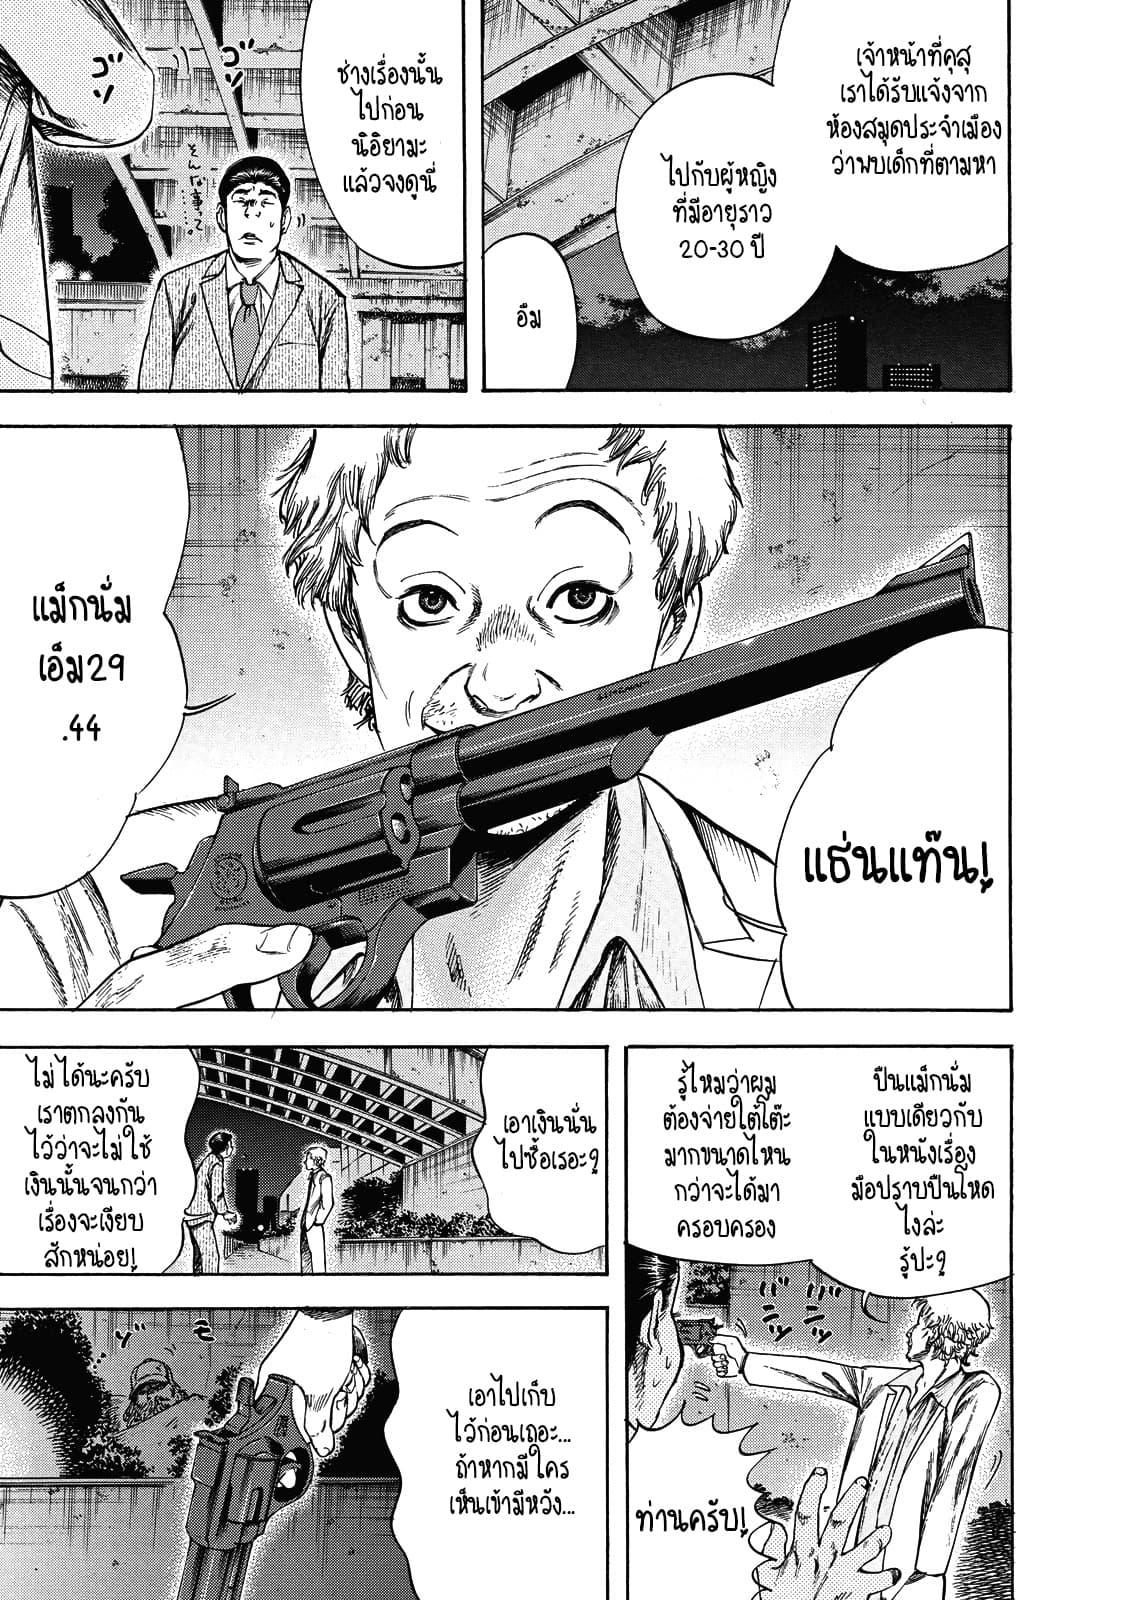 อ่านการ์ตูน Suzuki-san wa Tada Shizuka ni Kurashitai ตอนที่ 5 หน้าที่ 25